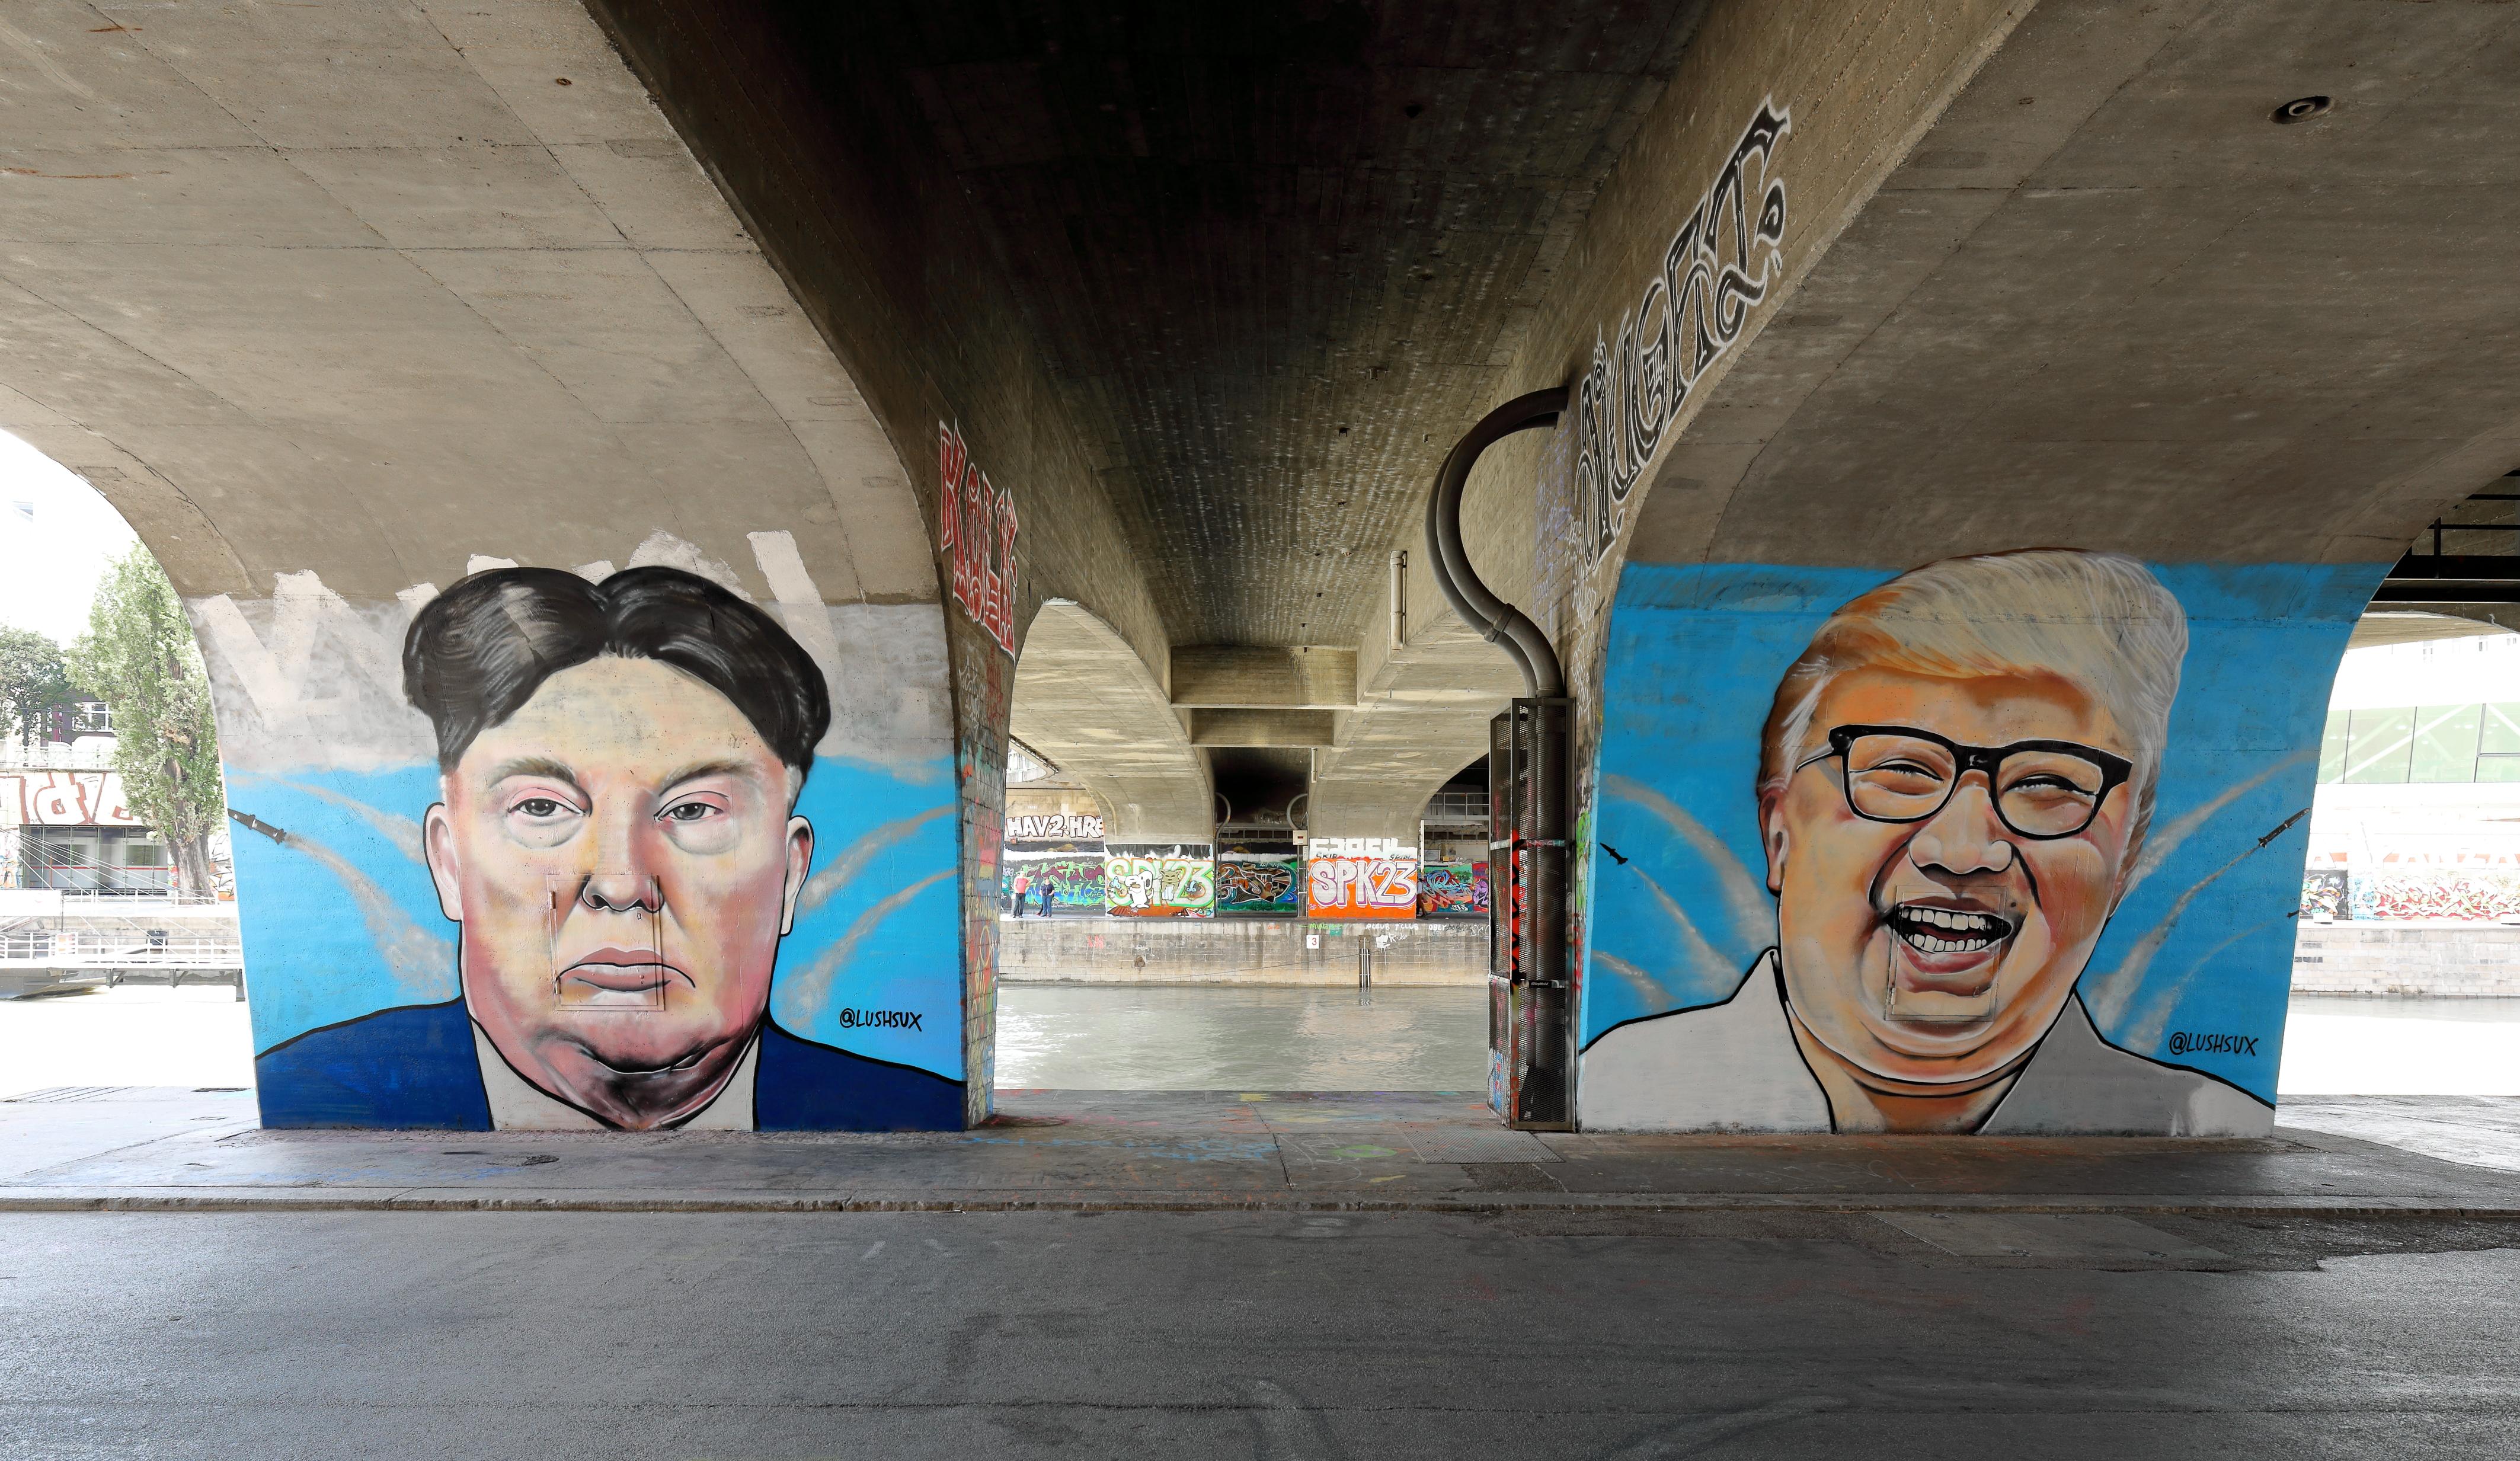 Noord-Korea en de mislukking van het Amerikaans nucleair beleid